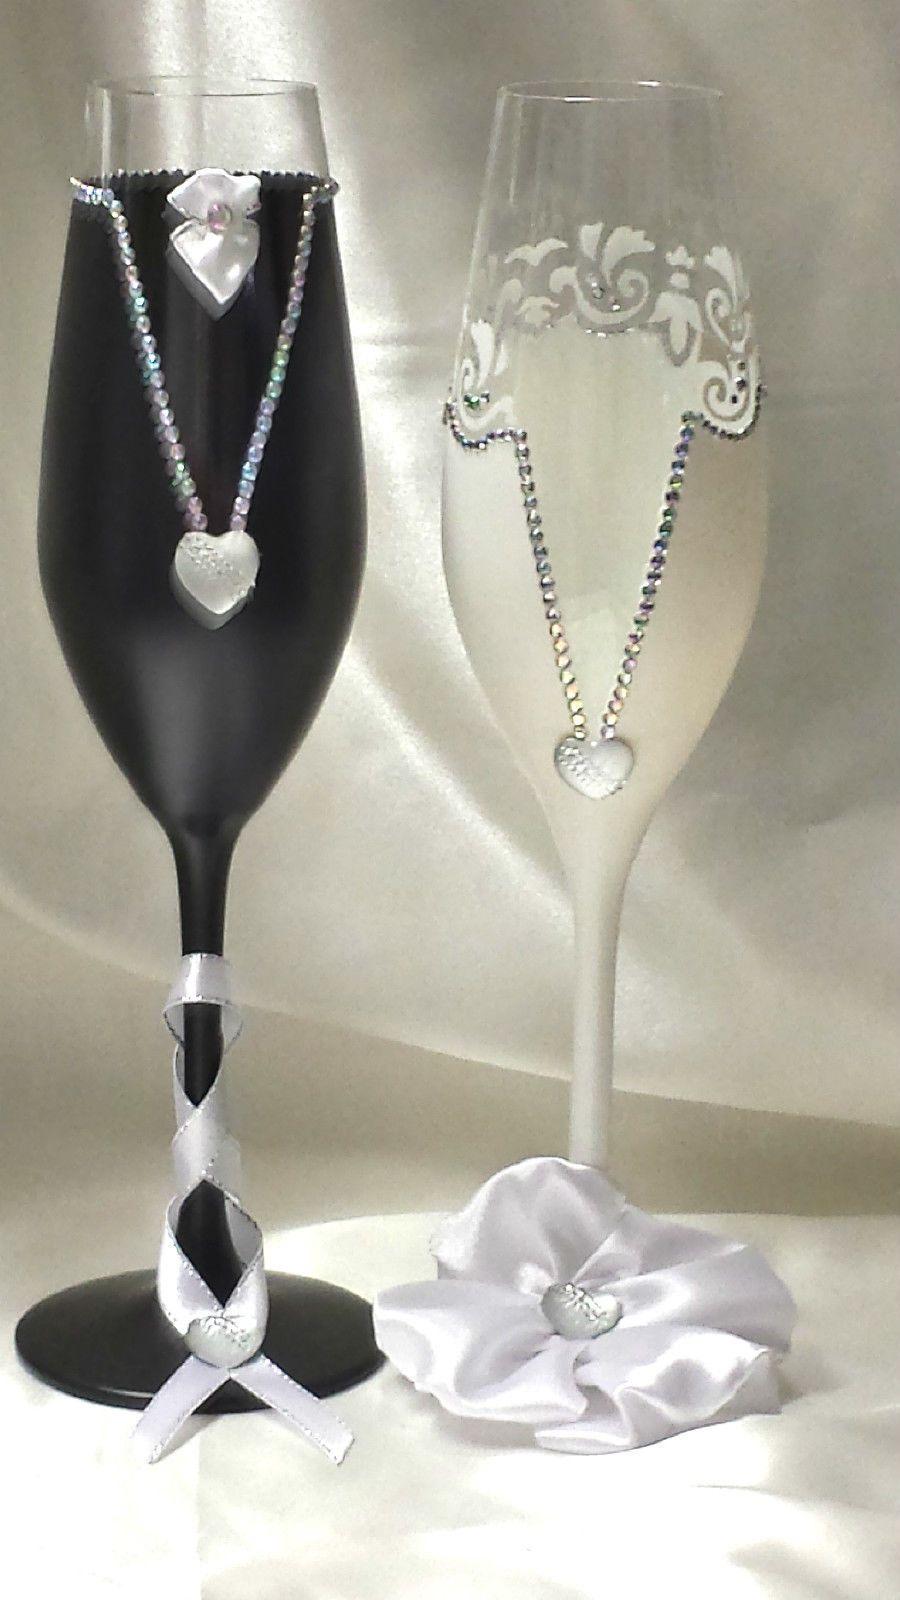 Hochzeitsglaser Sektglaser Hochzeitsgeschenk Handarbeitnr 43 Ebay